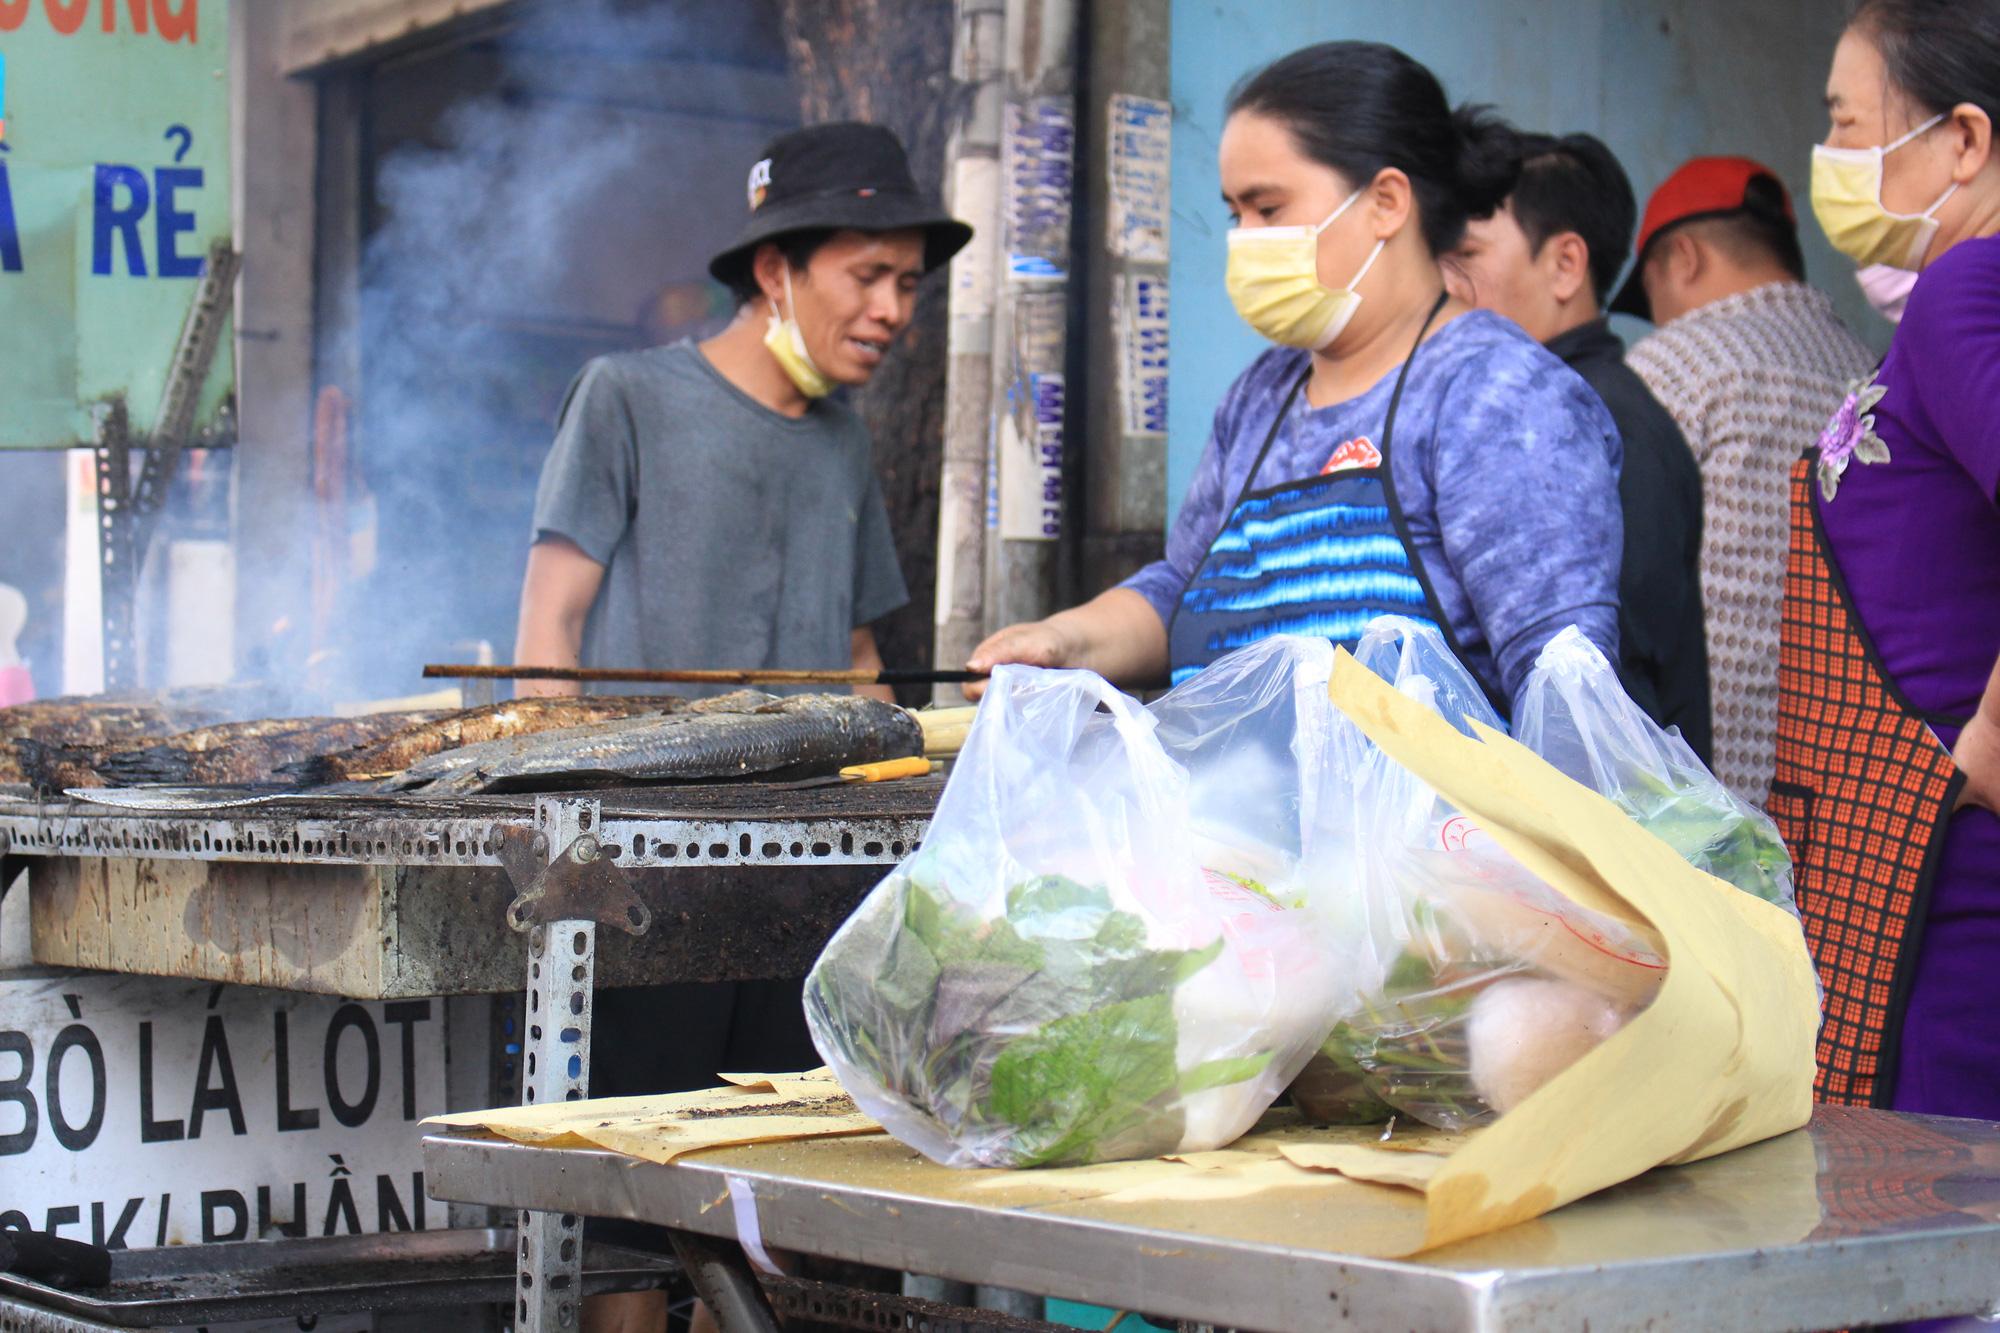 Chuẩn bị 3,5 tấn cá lóc nướng ngày vía Thần tài nhưng vẫn lo không đủ bán ở Sài Gòn - Ảnh 10.